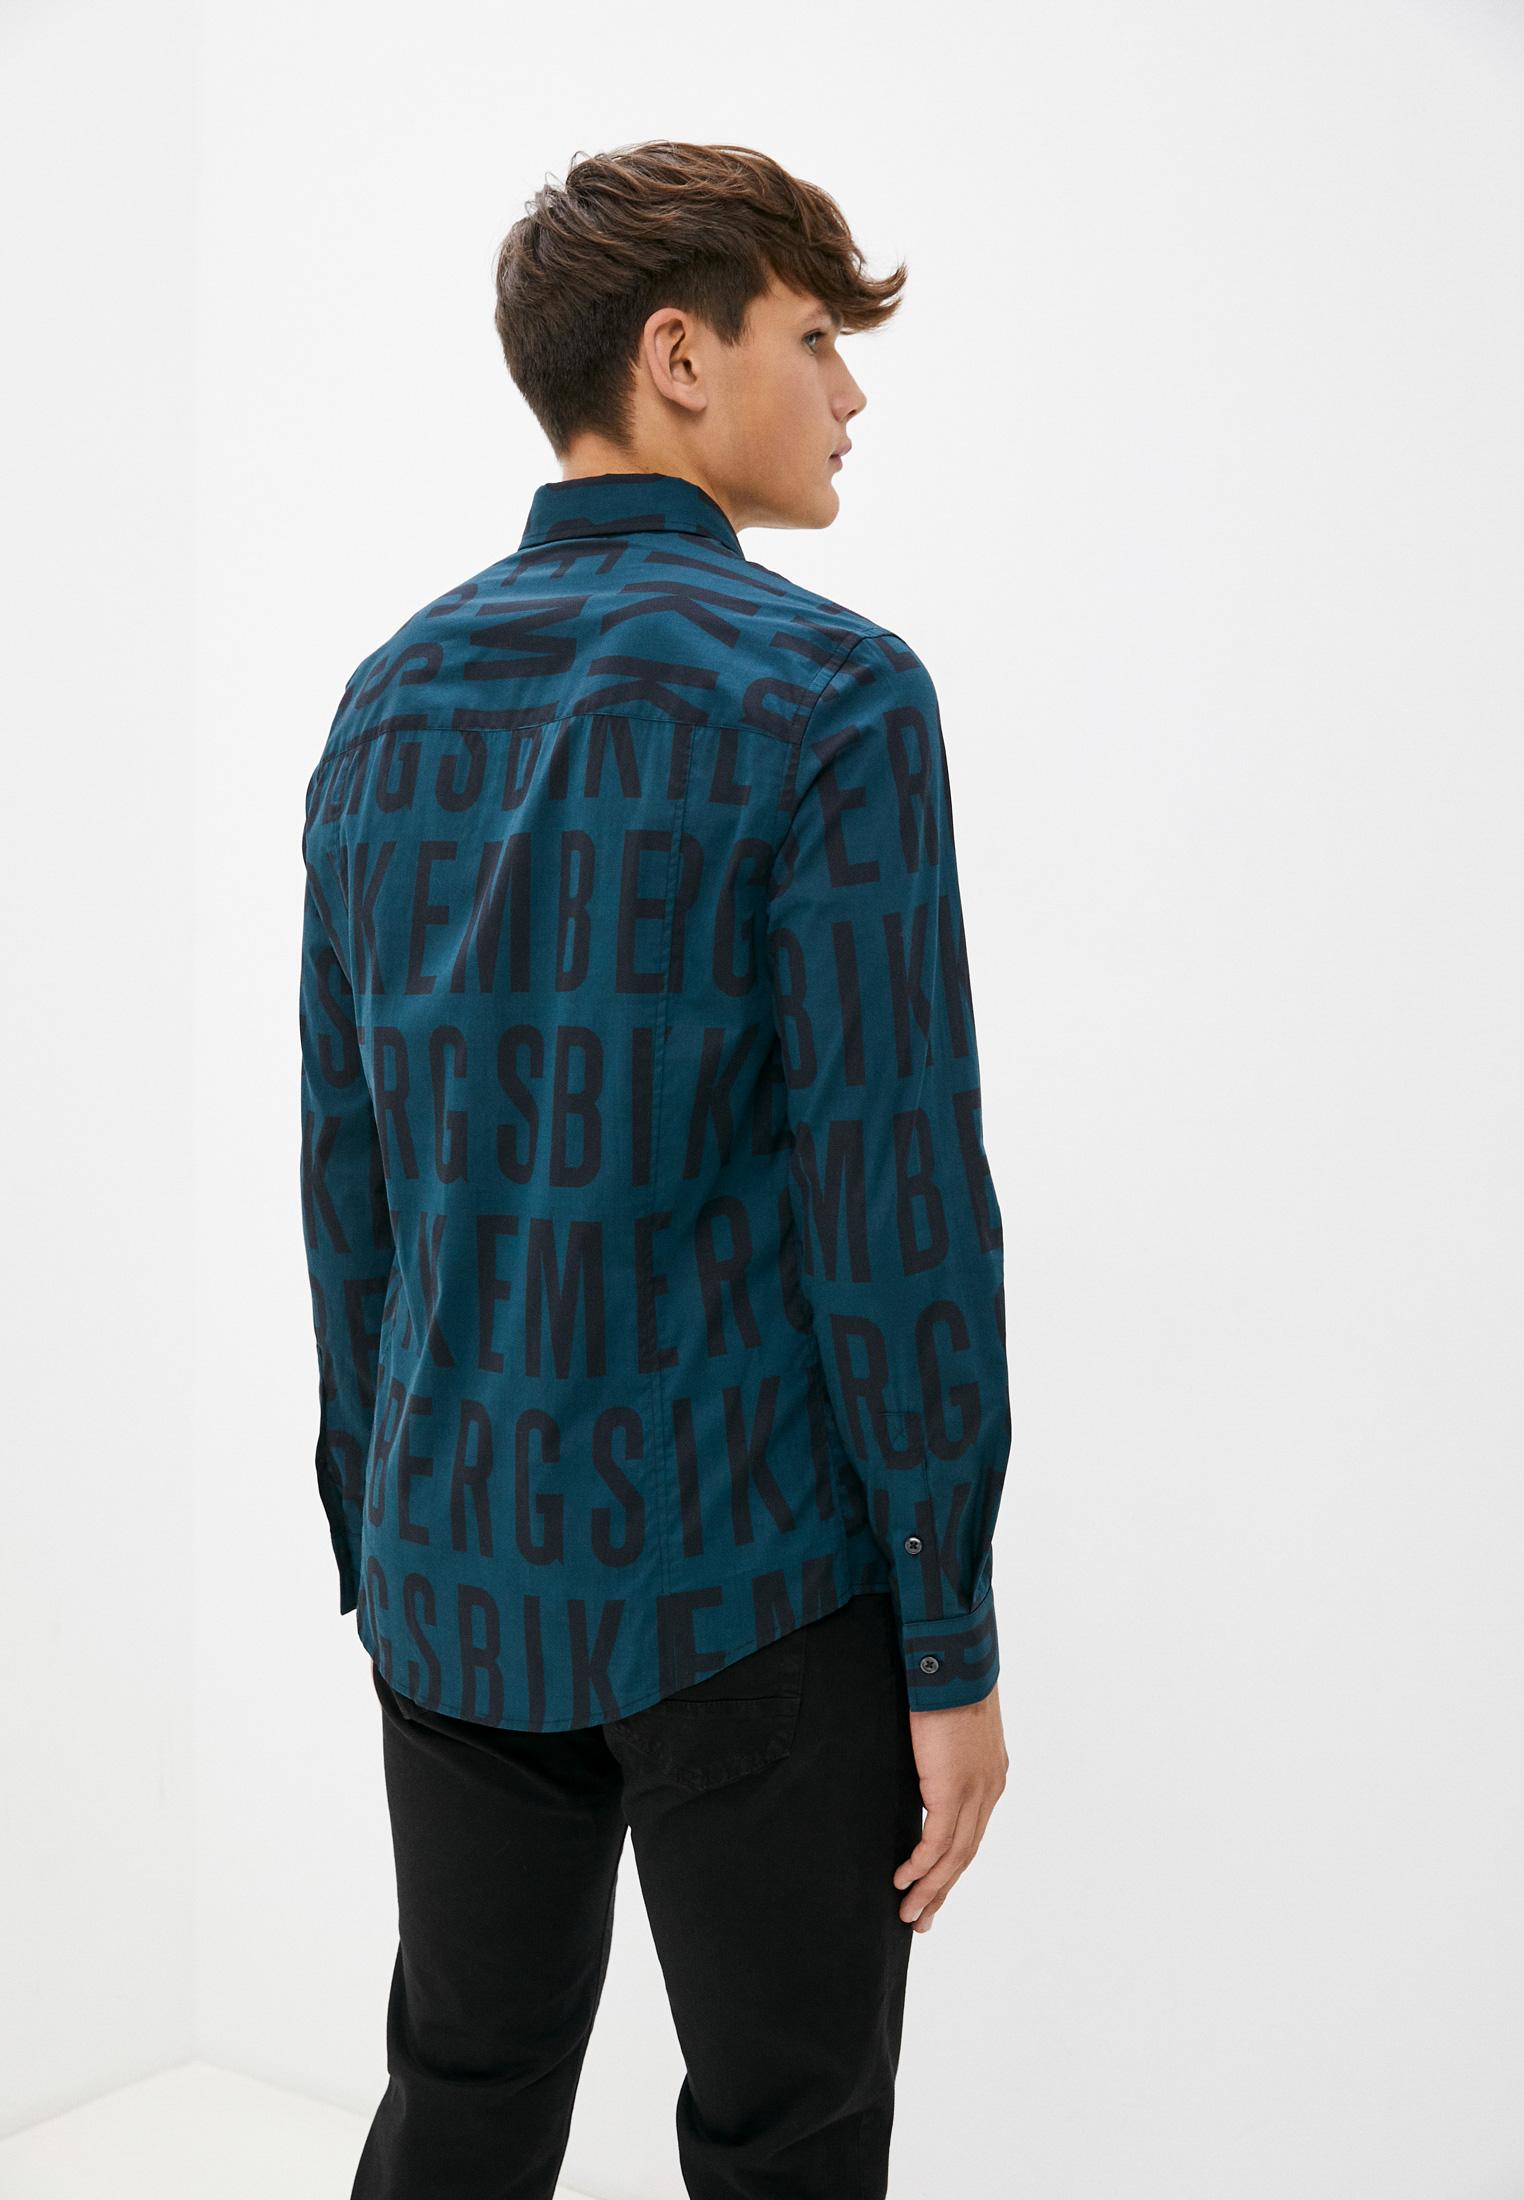 Рубашка с длинным рукавом Bikkembergs (Биккембергс) C C 009 00 S 3354: изображение 4